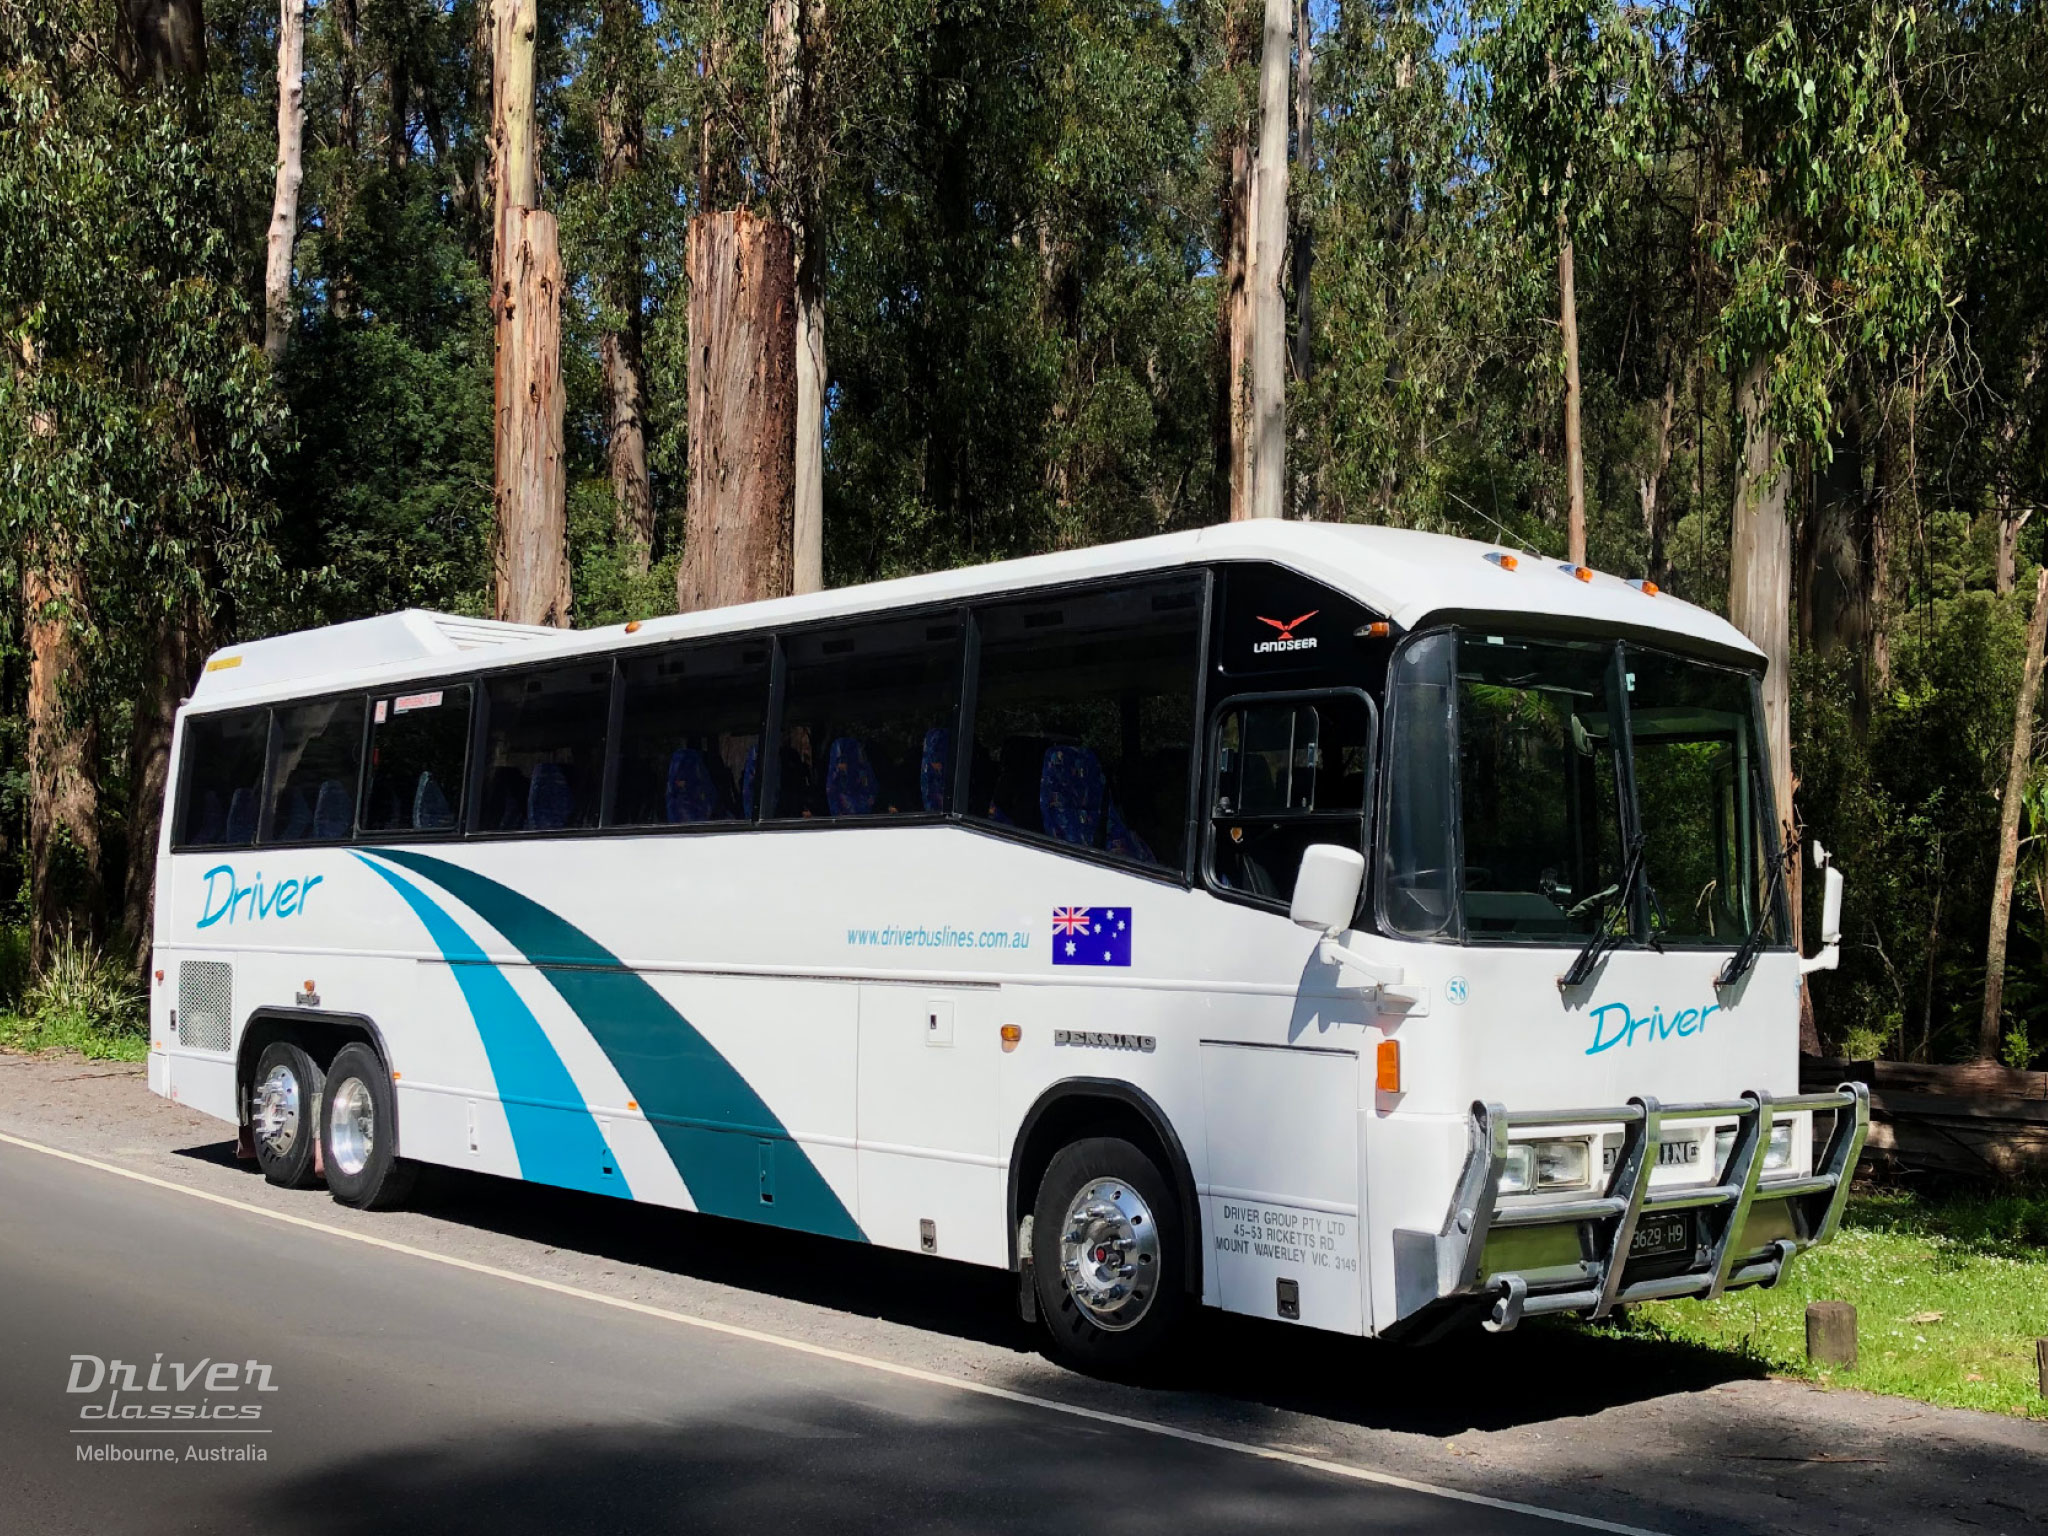 Denning Landseer Bus, 1988 model, front right, at Dandenong Ranges VIC, Photo taken November 2020